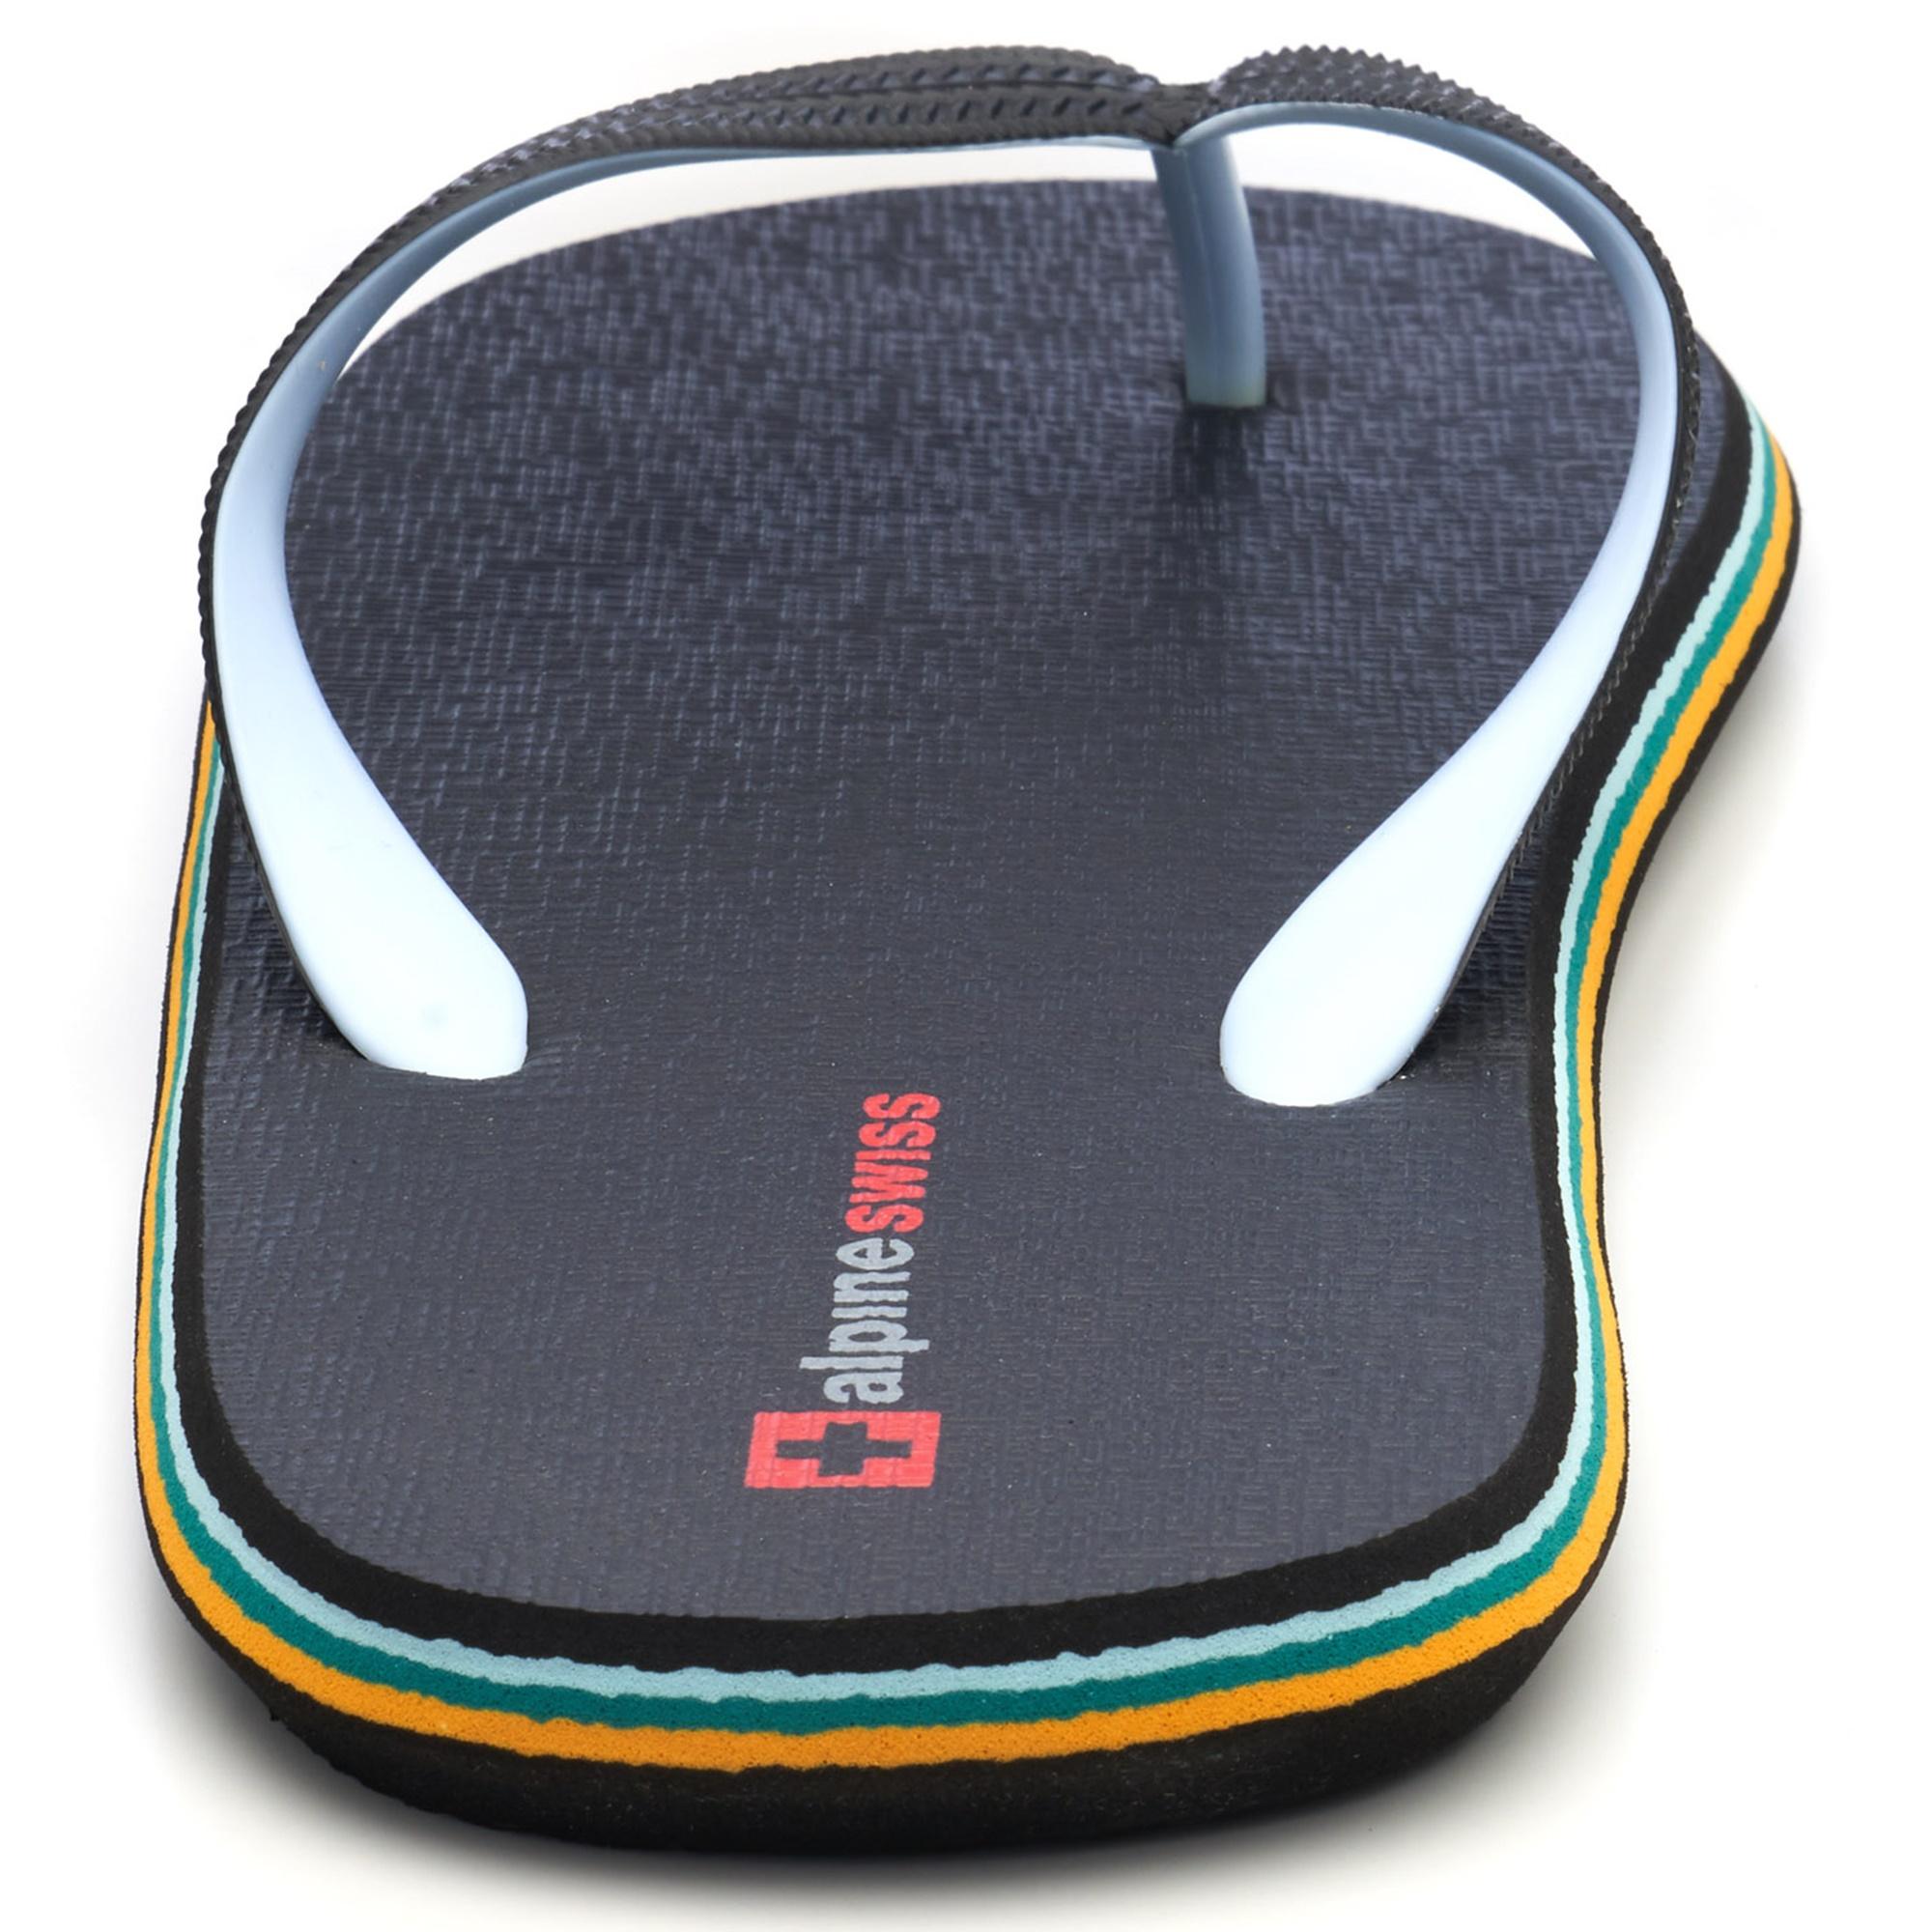 Alpine-Swiss-Mens-Flip-Flops-Beach-Sandals-Lightweight-EVA-Sole-Comfort-Thongs thumbnail 22